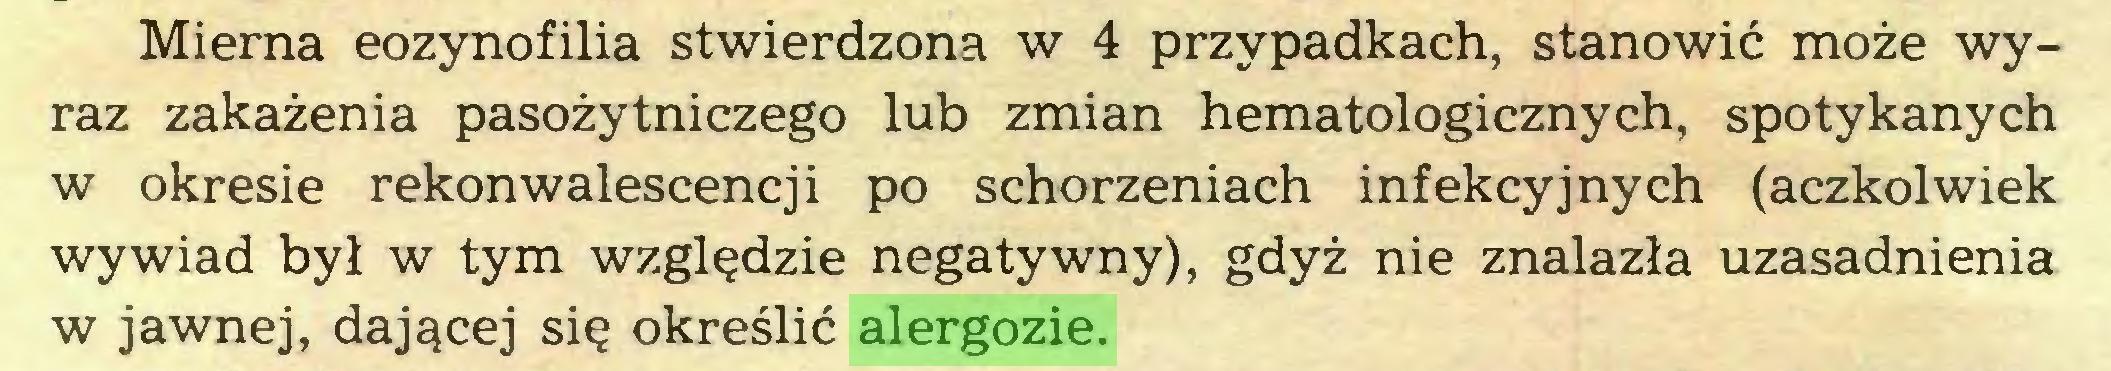 (...) Mierna eozynofilia stwierdzona w 4 przypadkach, stanowić może wyraz zakażenia pasożytniczego lub zmian hematologicznych, spotykanych w okresie rekonwalescencji po schorzeniach infekcyjnych (aczkolwiek wywiad był w tym względzie negatywny), gdyż nie znalazła uzasadnienia w jawnej, dającej się określić alergozie...